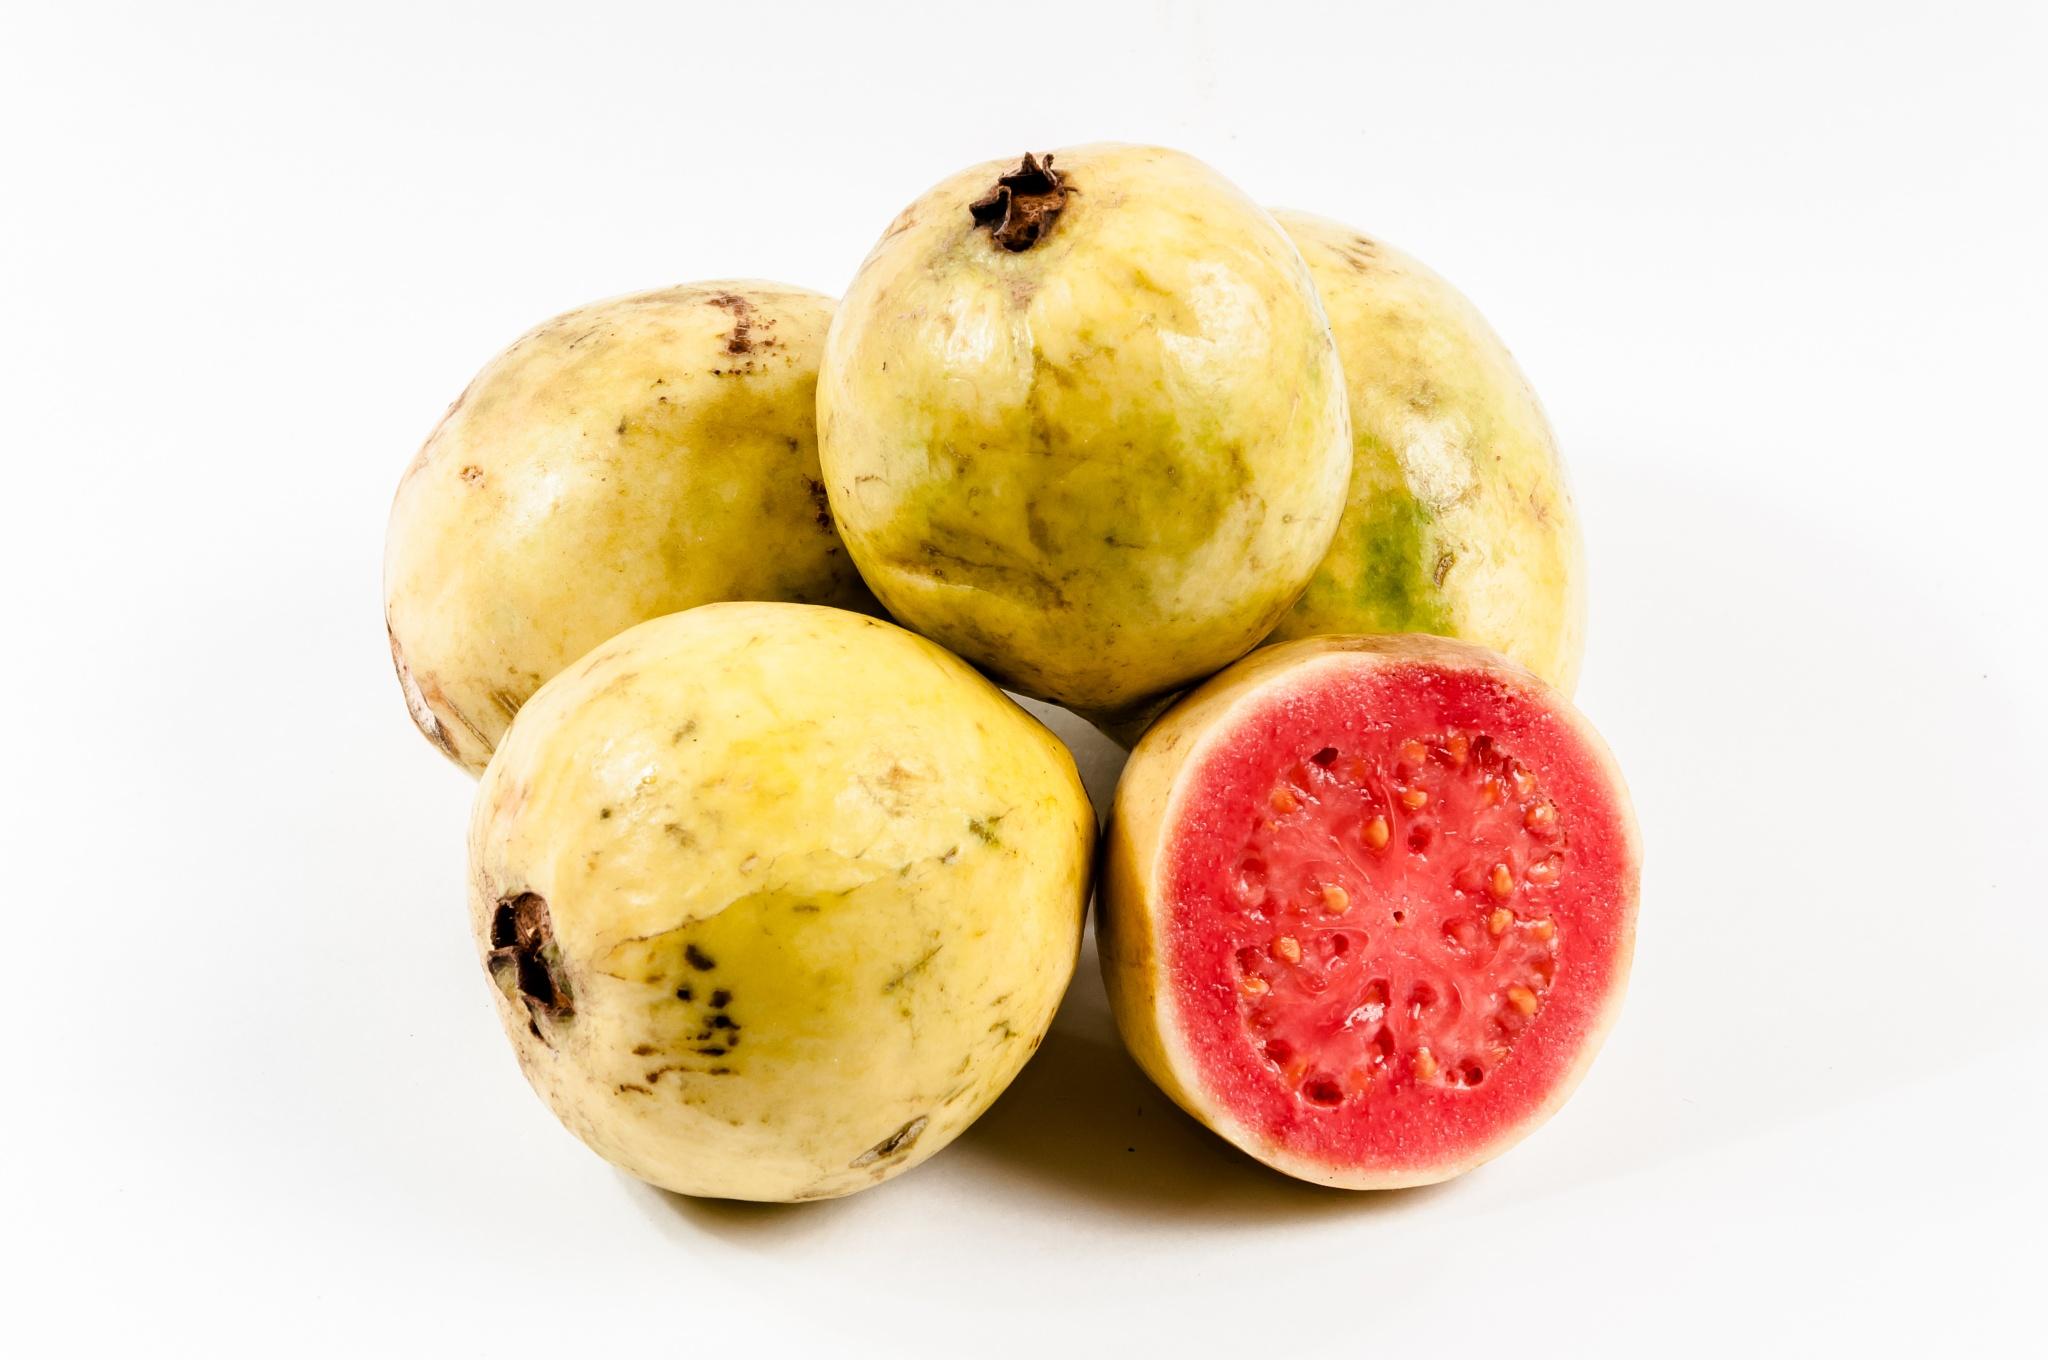 guava by Valmirez